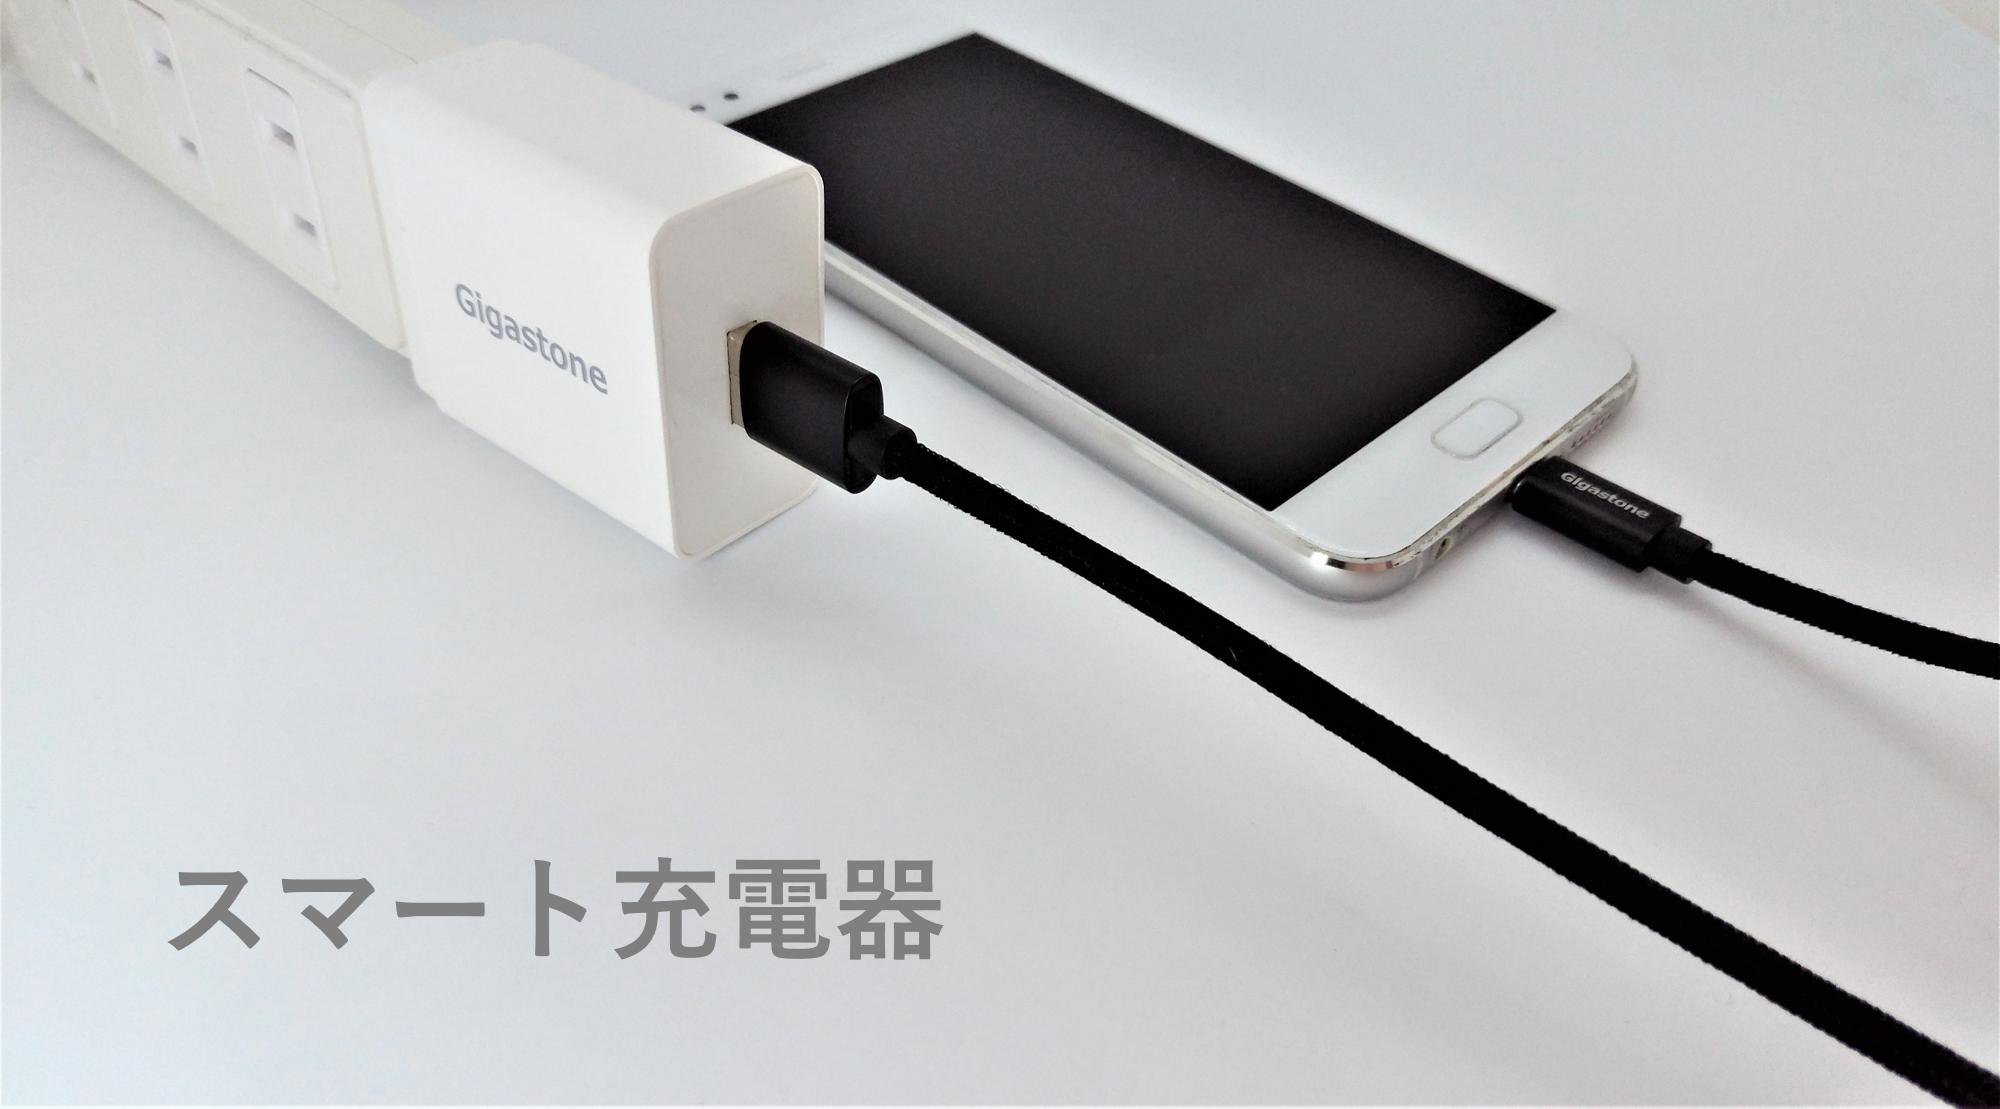 スマート充電器 | Gigastone【ギガストーン】 - モバイルアイテムのグローバルブランド(PC)